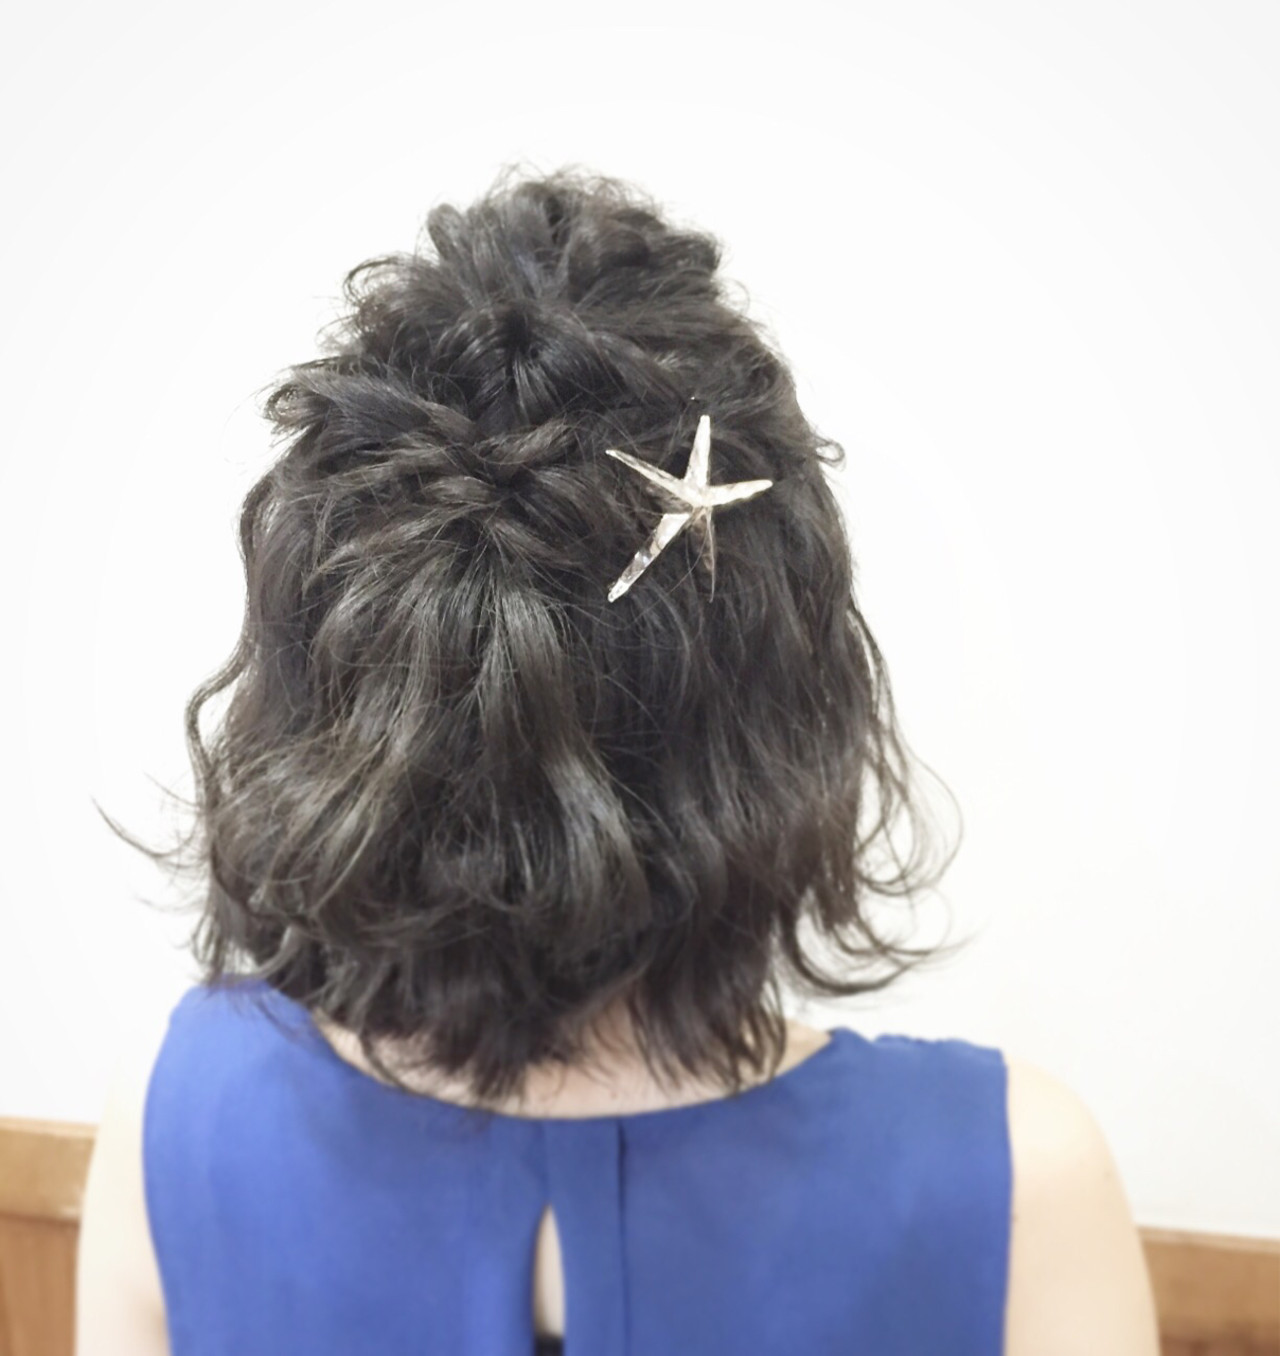 髪型にマンネリボブさんにおすすめ!簡単セルフアレンジを楽しもう♡ 平岡 歩